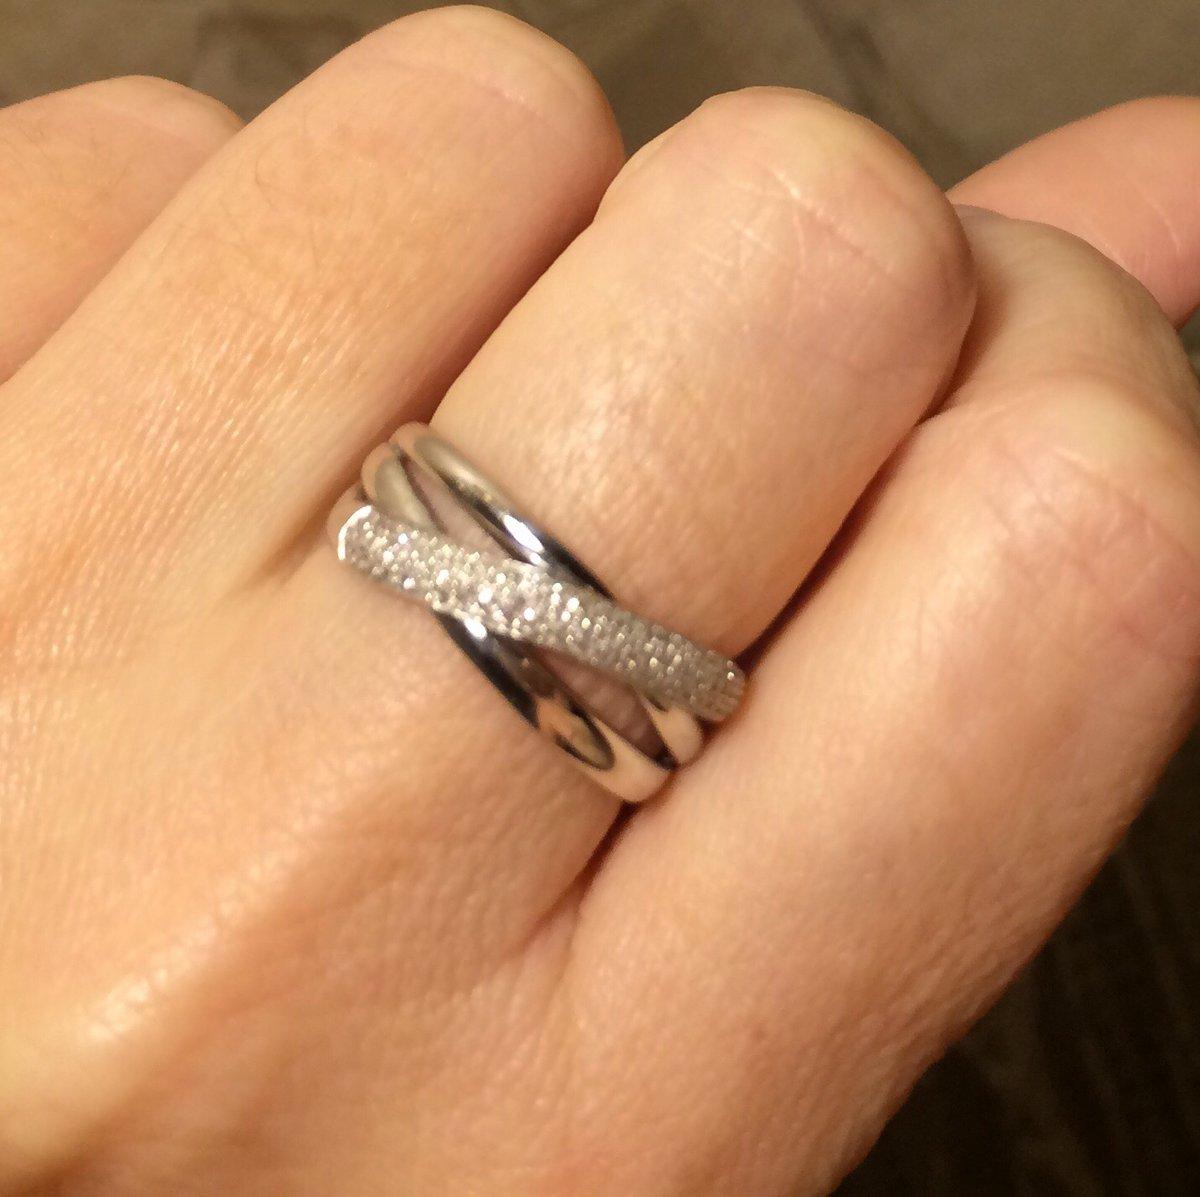 Кольцо стильное и элегантное!